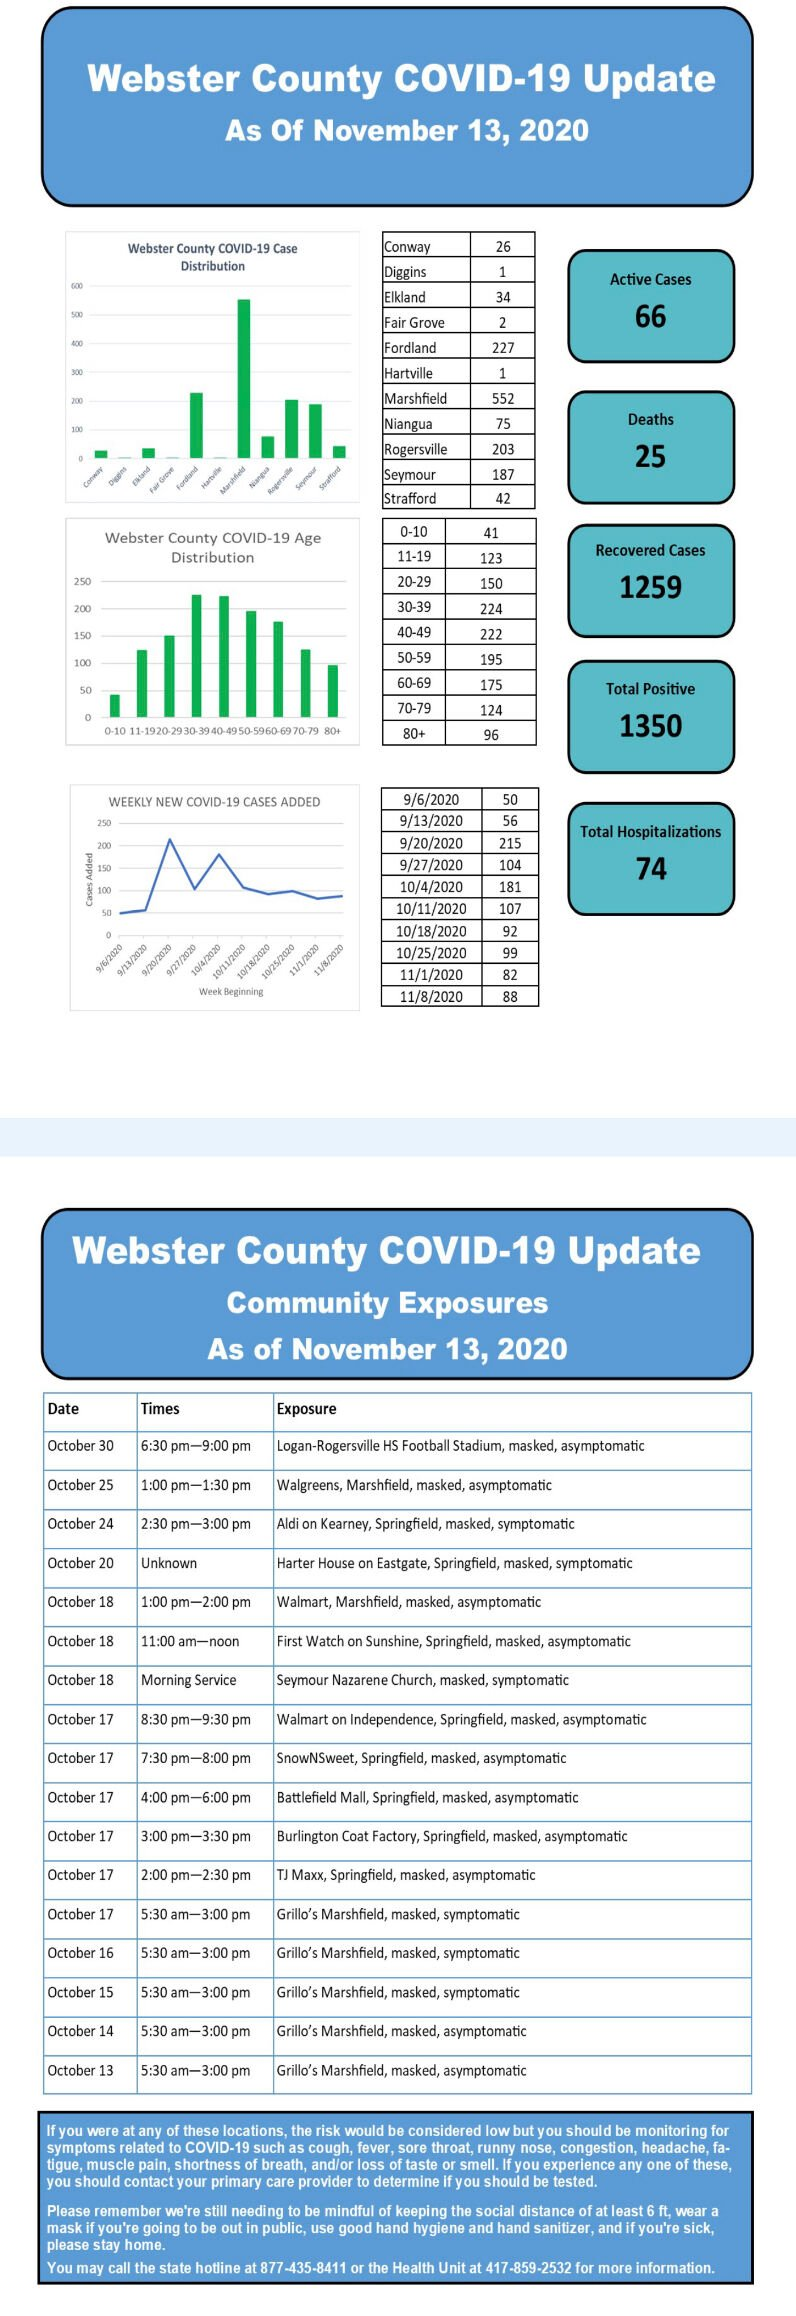 - COVID-19 cases Nov. 13 Web. Co.